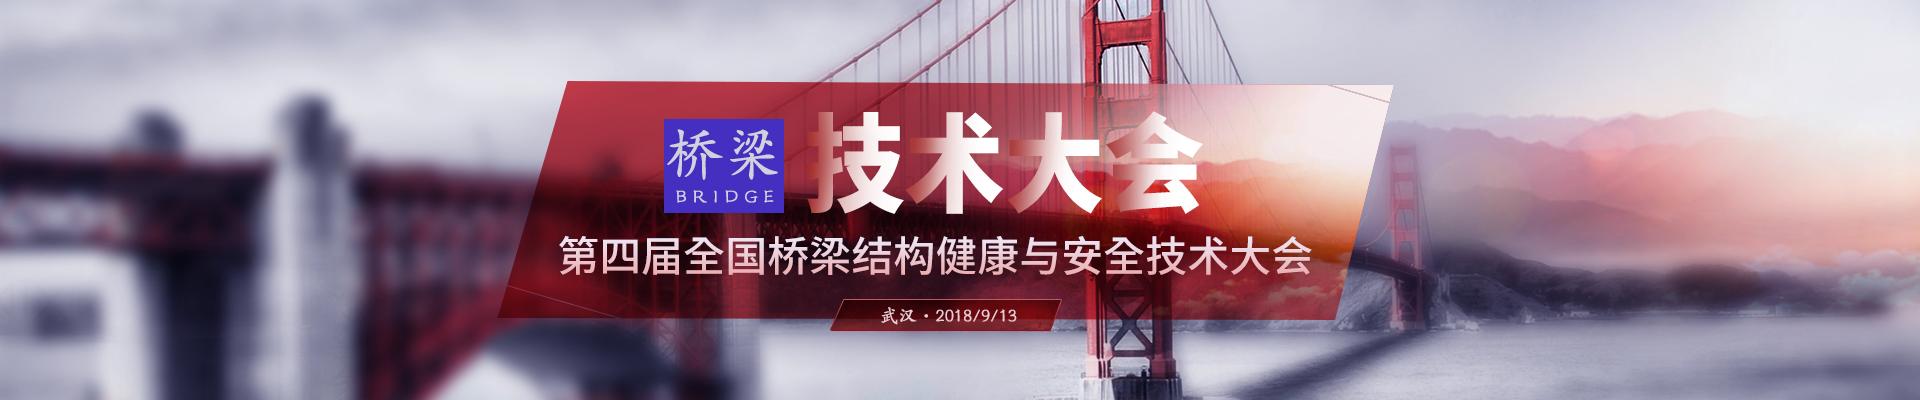 第四届全国桥梁结构健康与安全技术大会圆满闭幕